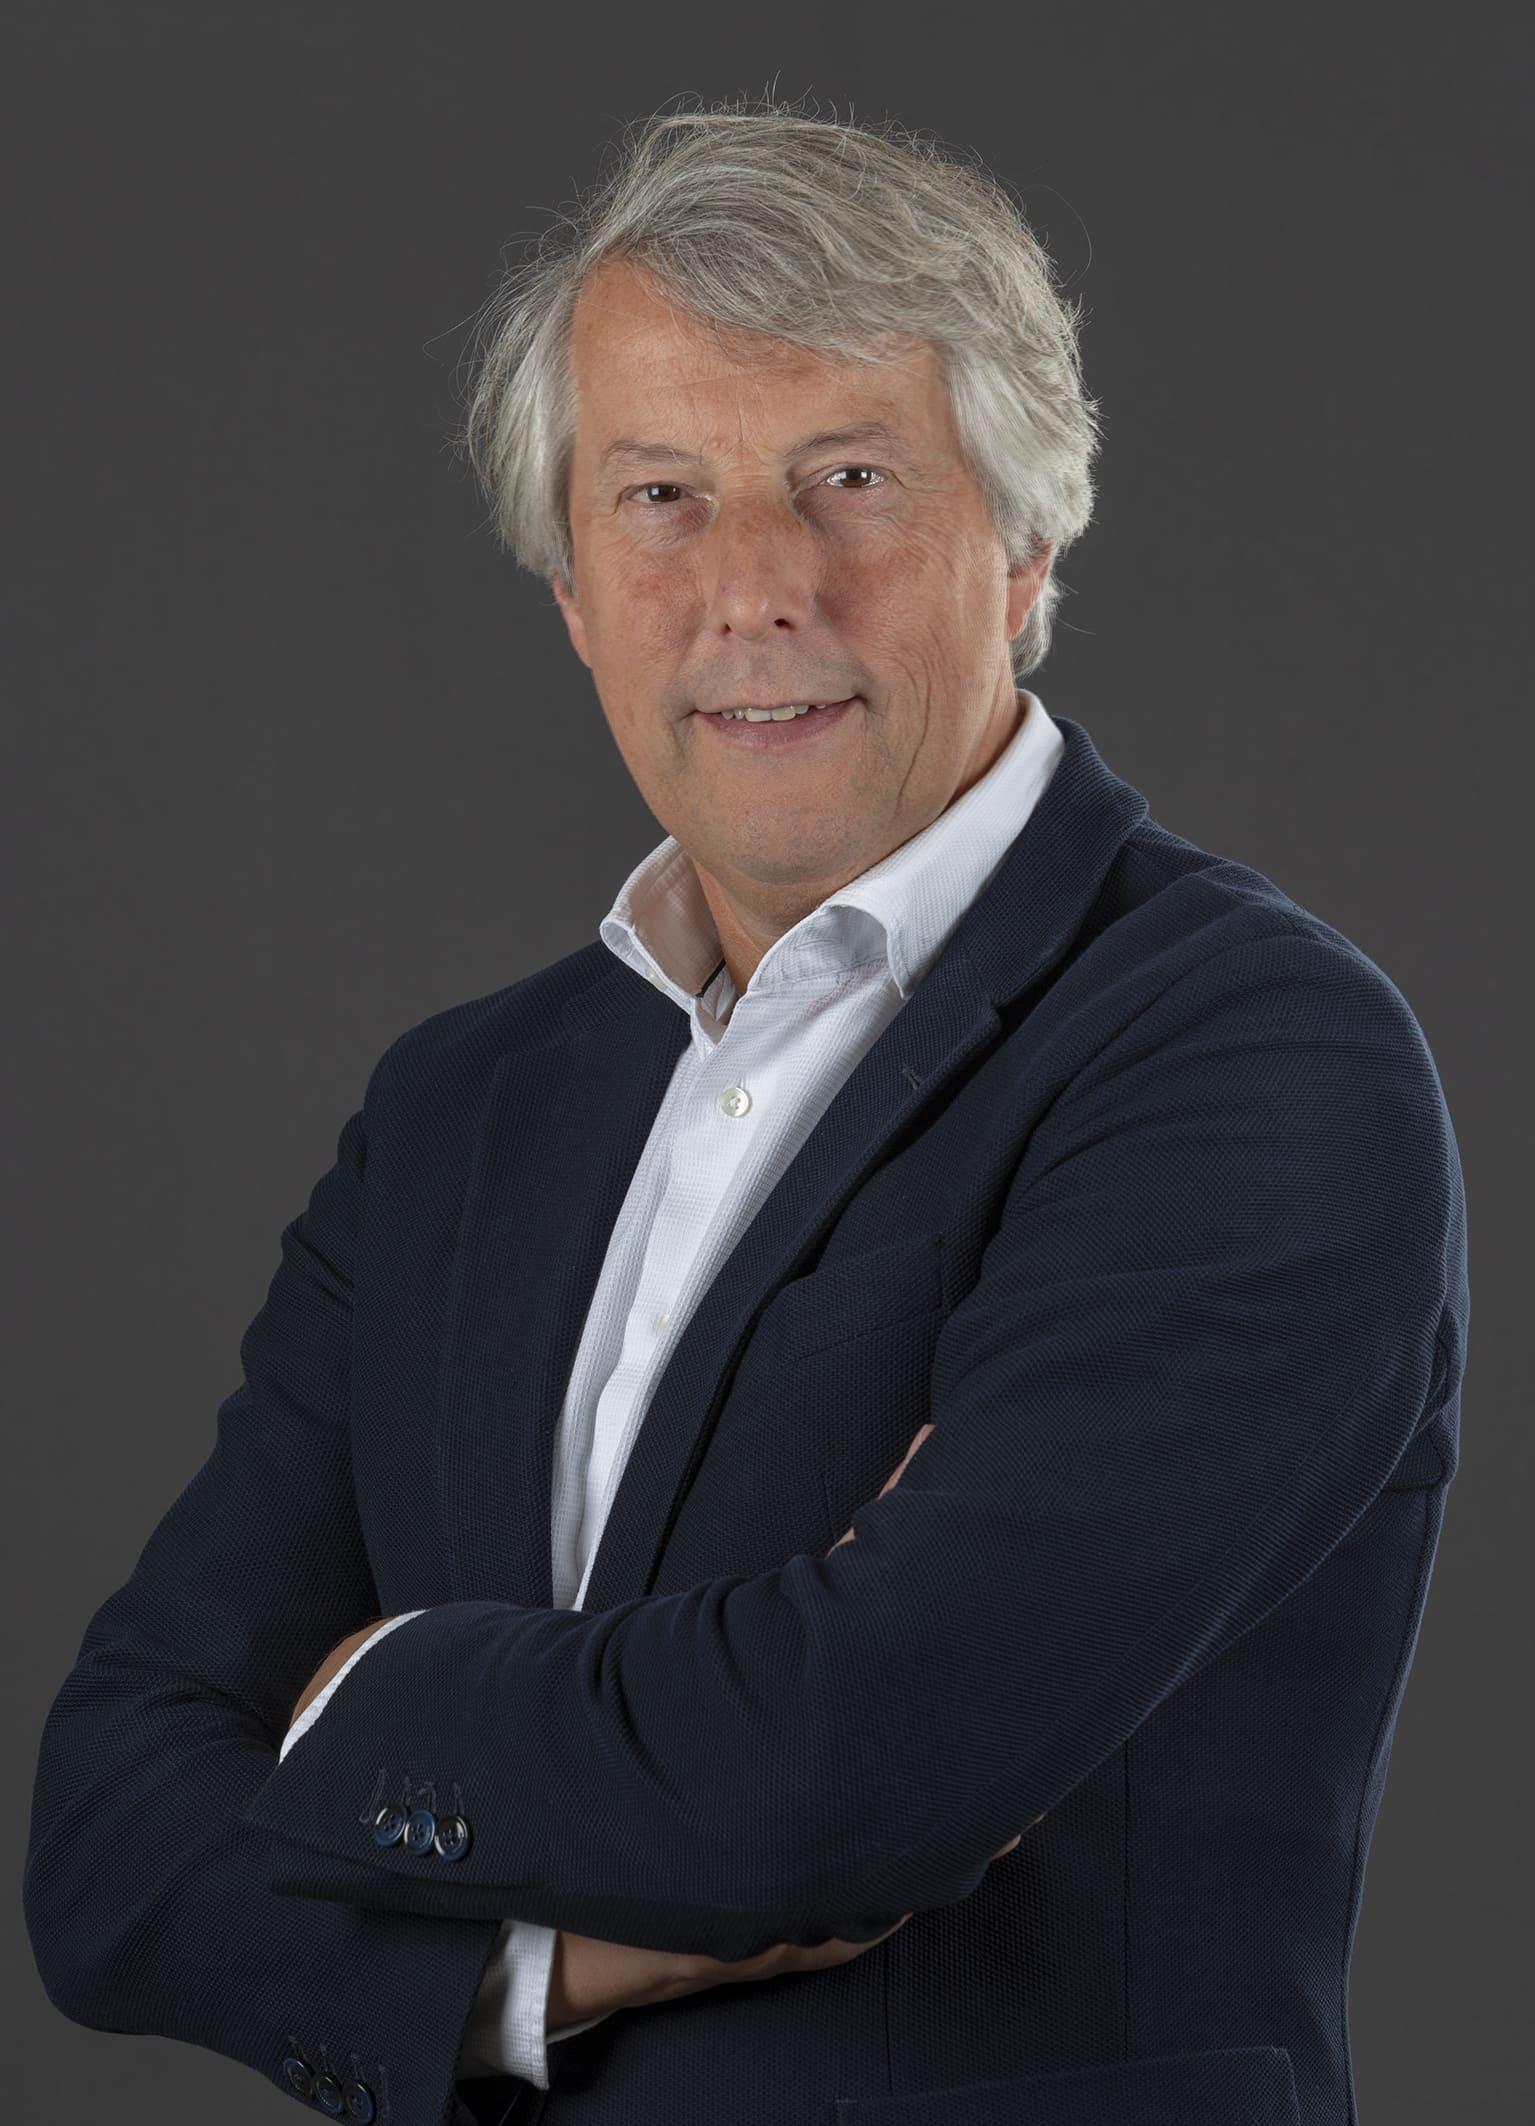 Arnold Smeink